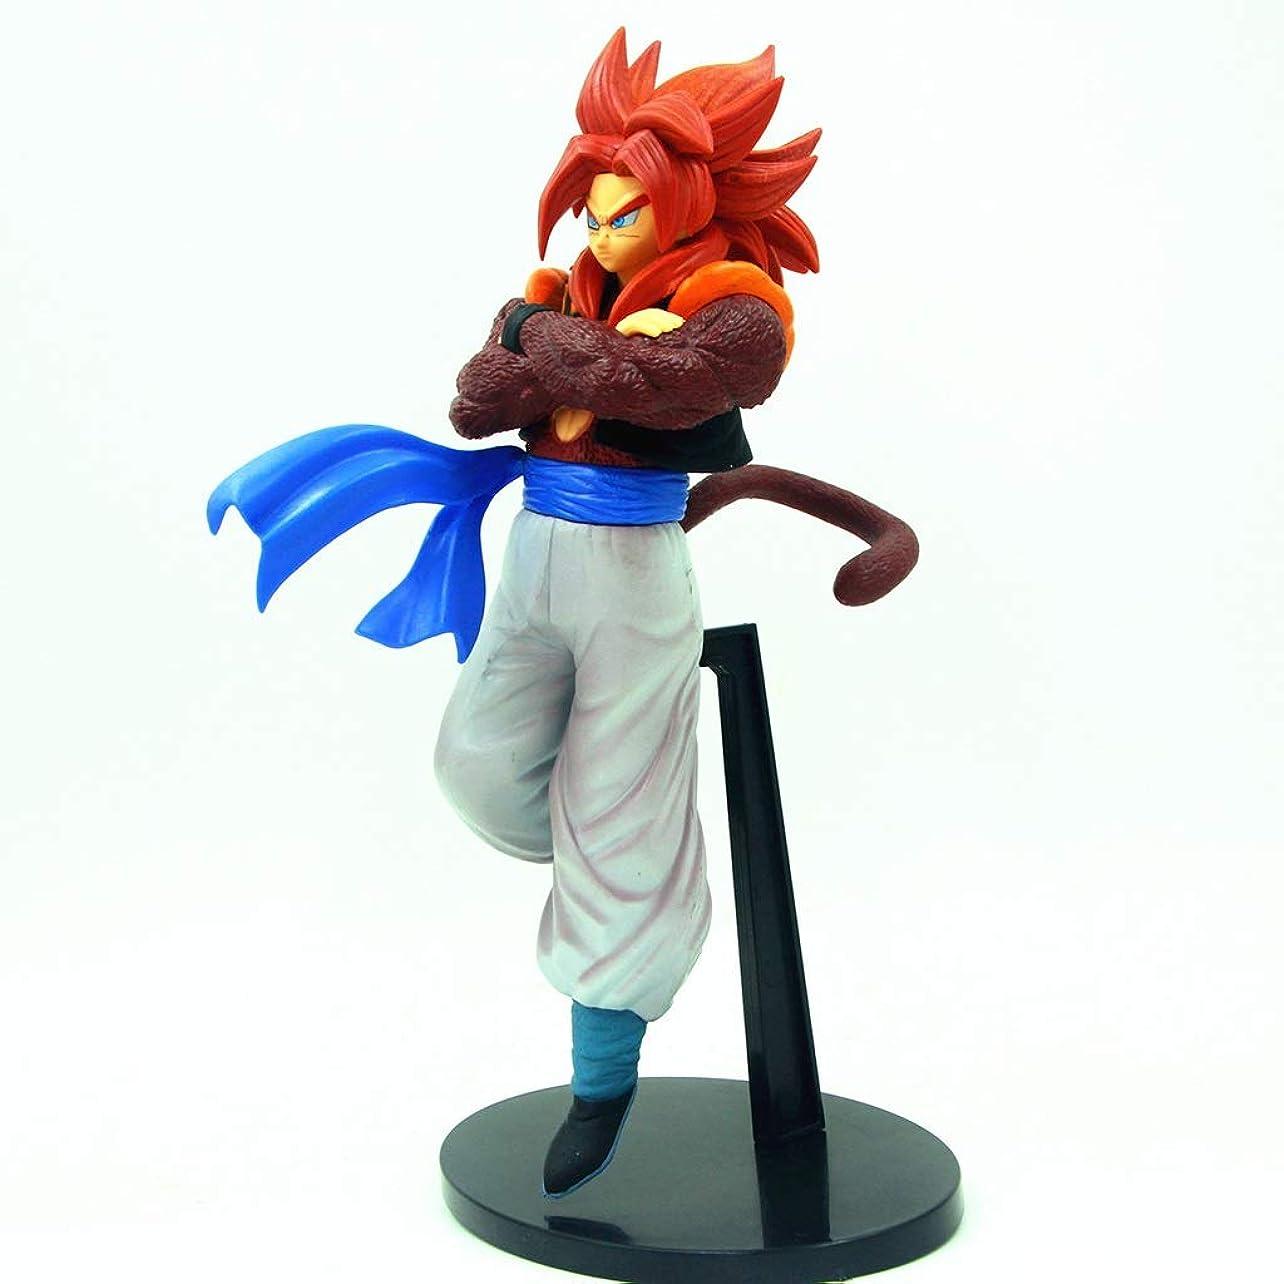 蛇行上に哲学的アニメドラゴンボール模型、PVC製子供玩具コレクションスタチュー、卓上装飾玩具スタチュー玩具モデル、4ステージウジタ(23cm) SHWSM